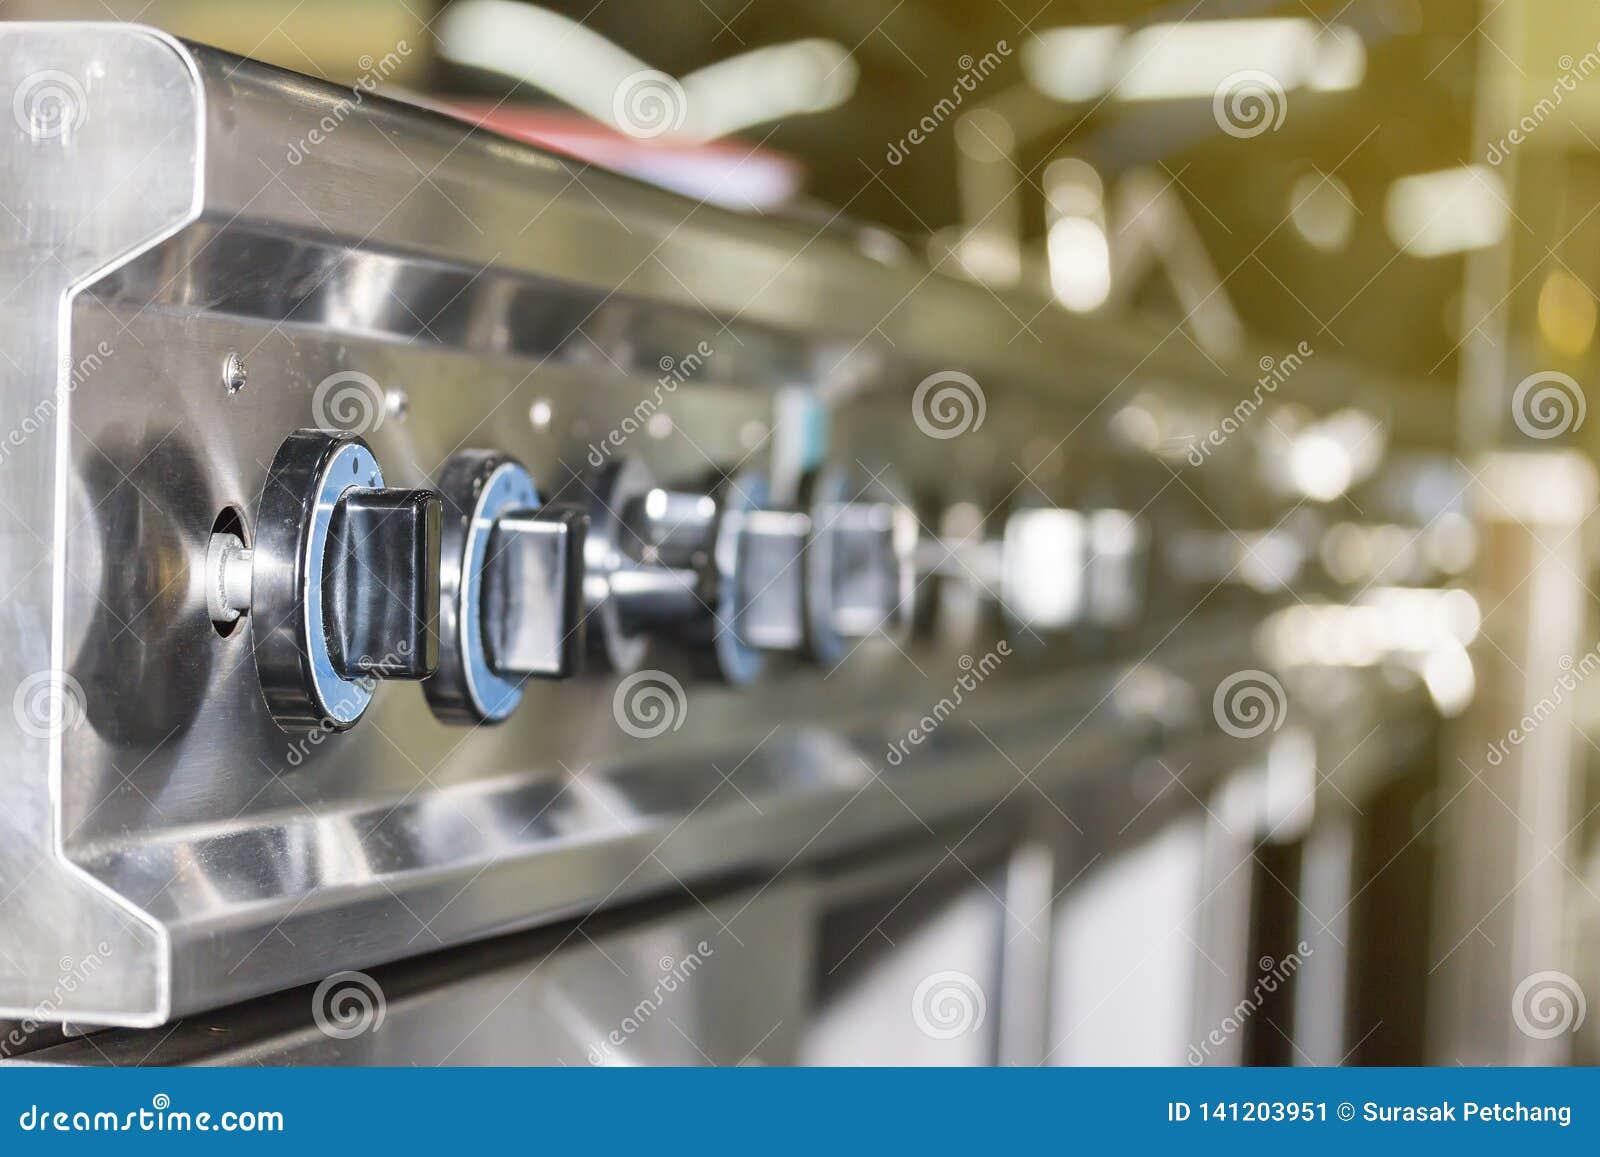 控制板煤气炉接近的瘤拨号盘为在或调整烧伤火焰和温度